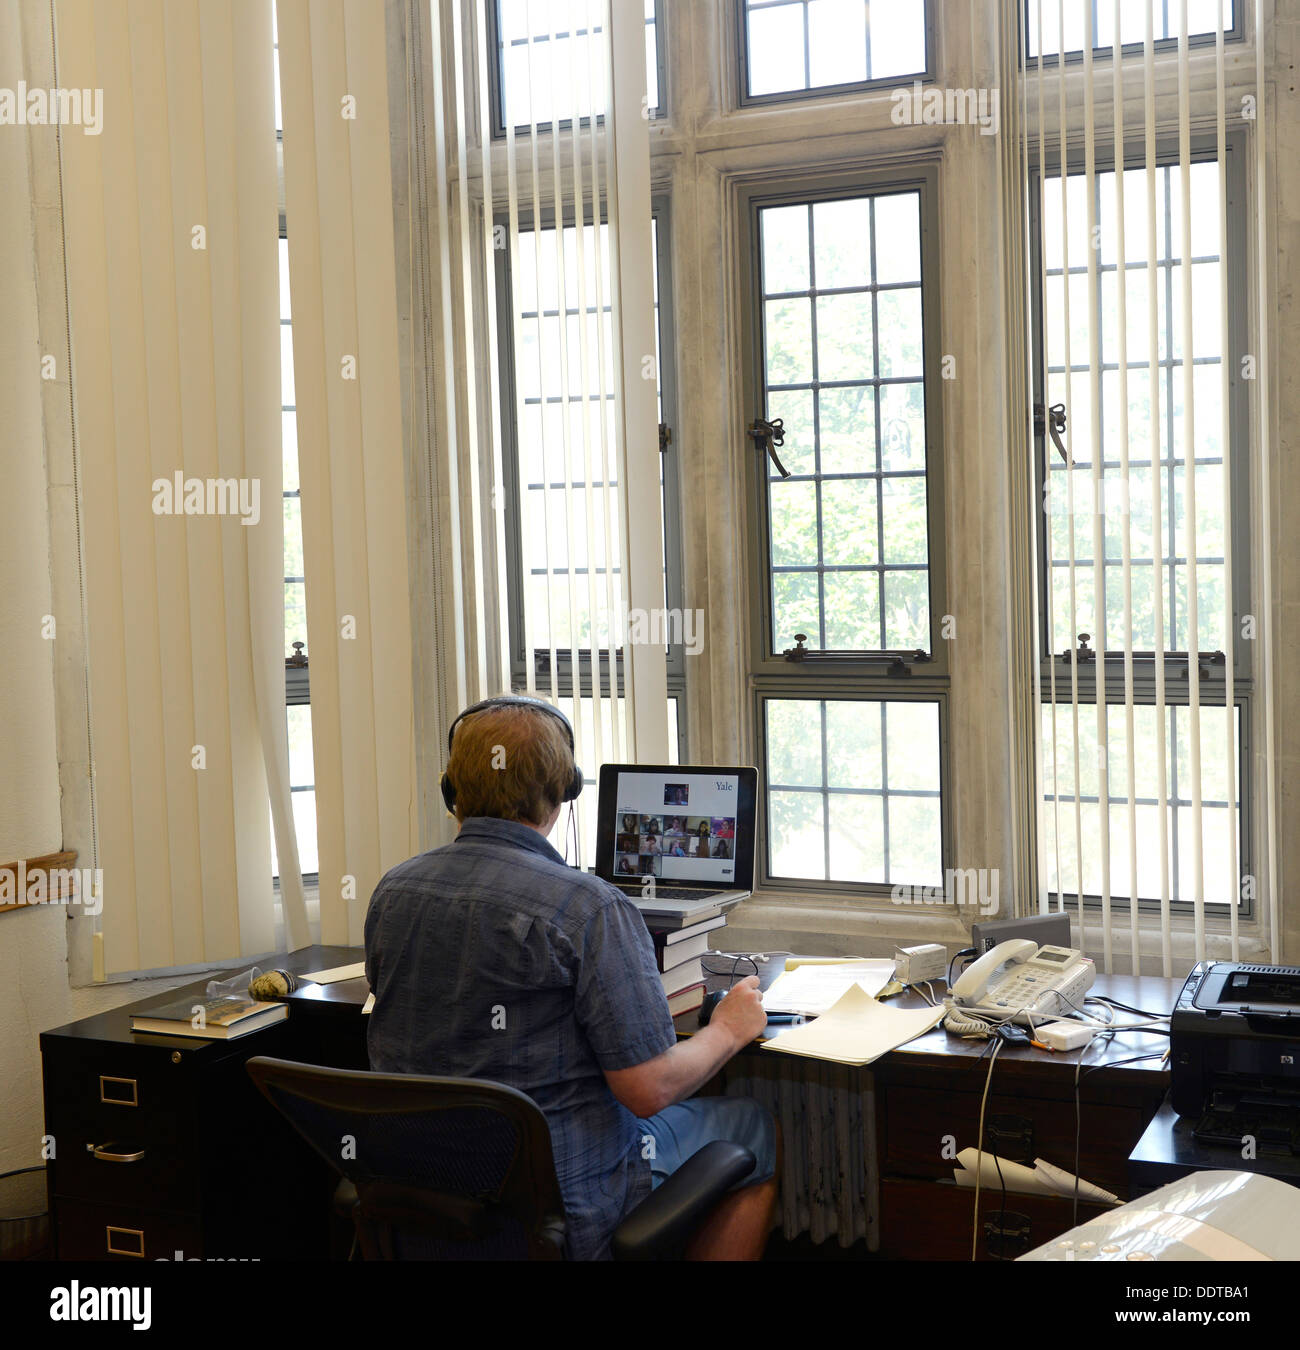 Profesora de psicología de Yale Paul Bloom enseña una sección de clase online desde su oficina. Yale está haciendo un gran empuje en línea. Imagen De Stock